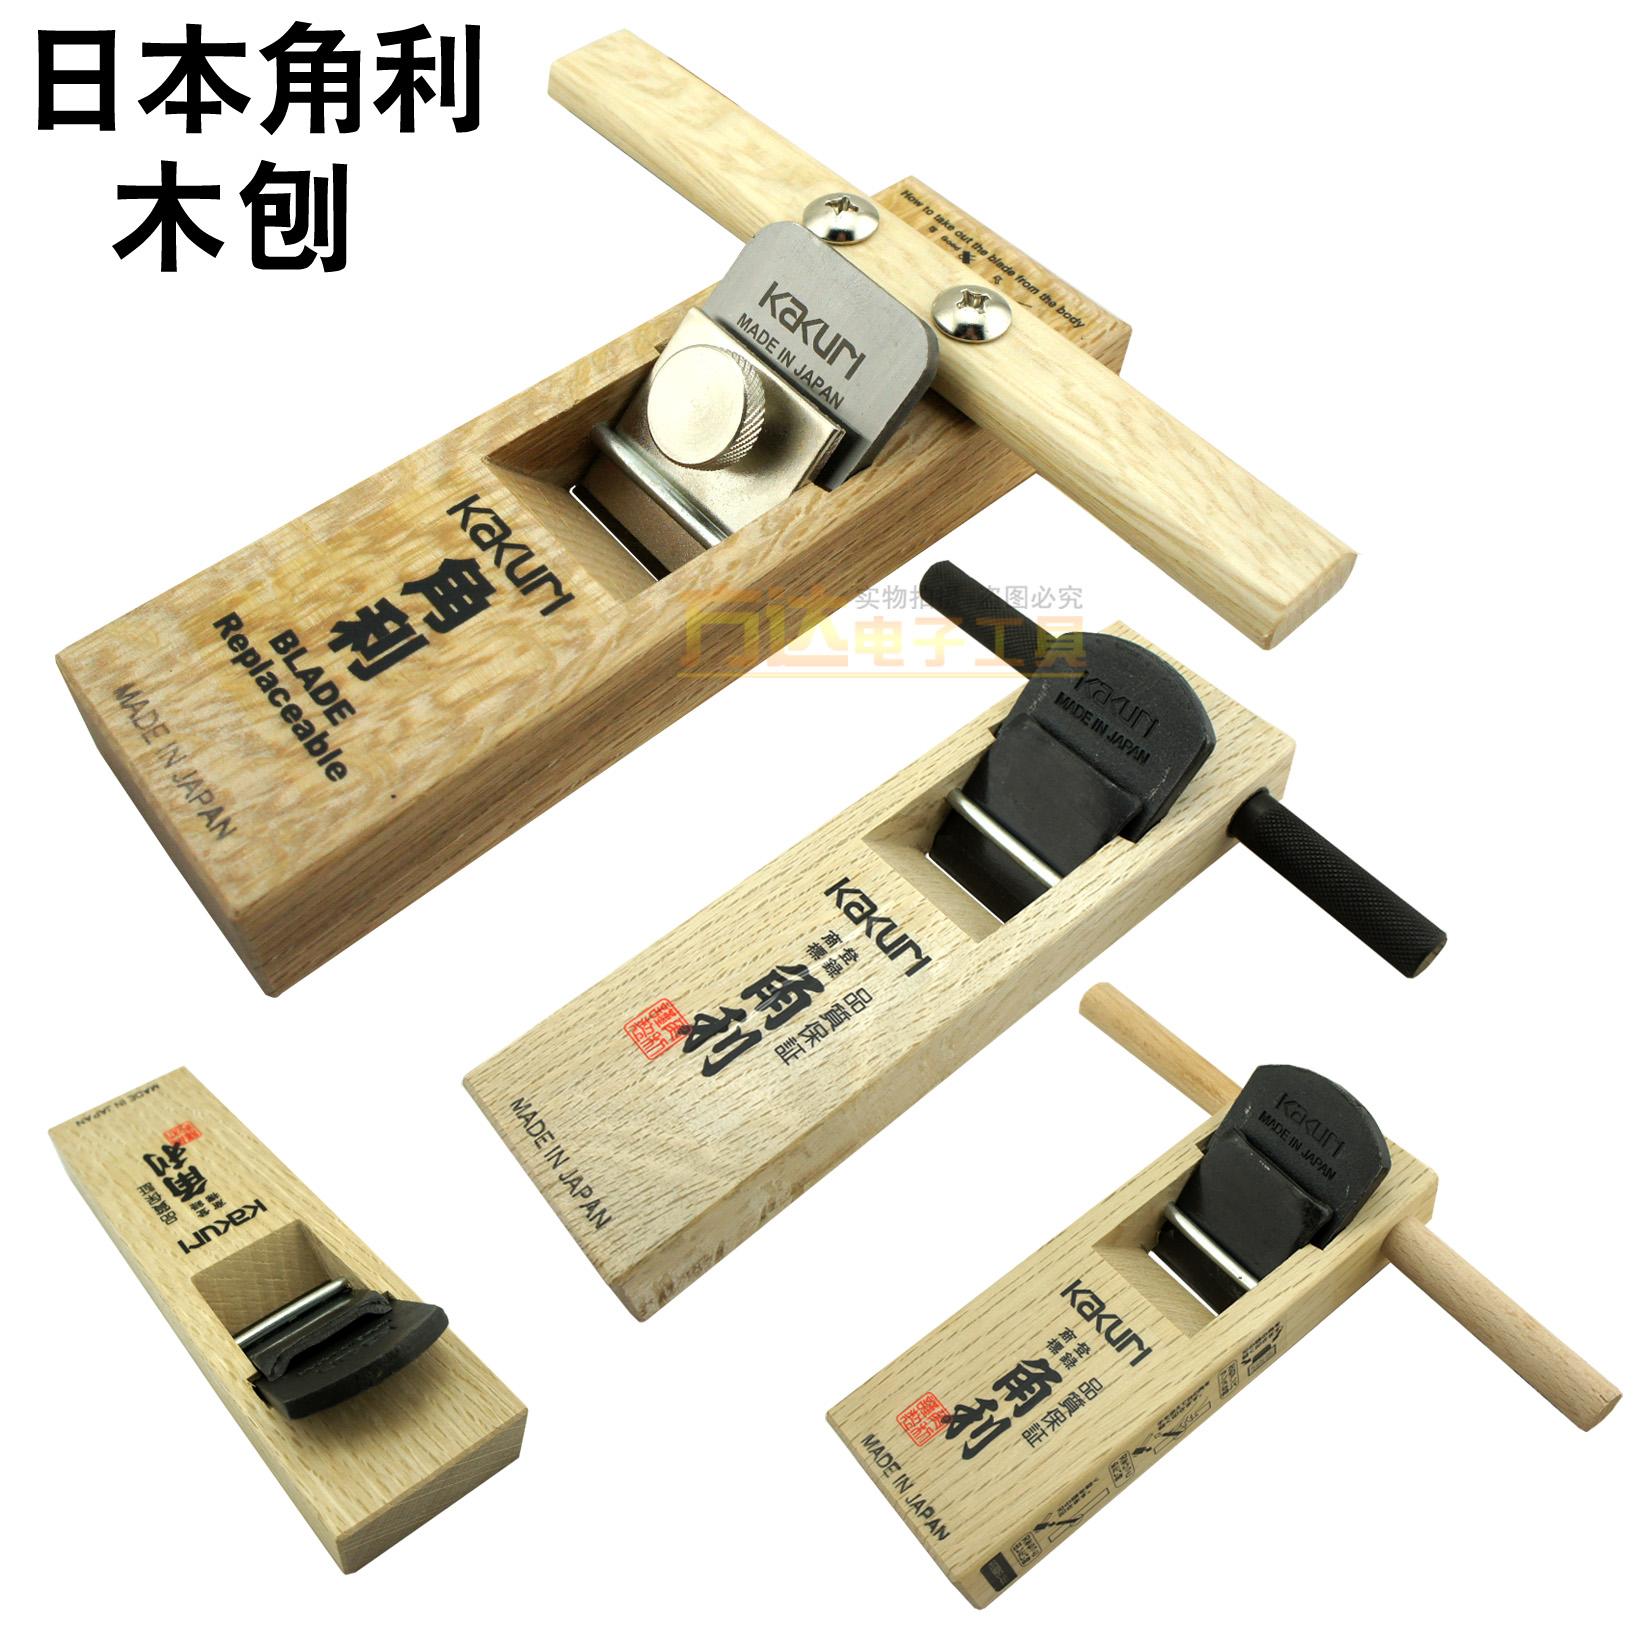 Originaria del Giappone KAKURI angolo Li Legno piallatrice 推刨 nuovi strumenti per la Lavorazione DEL LEGNO rivestiti di un falegname per Mano di un aereo;